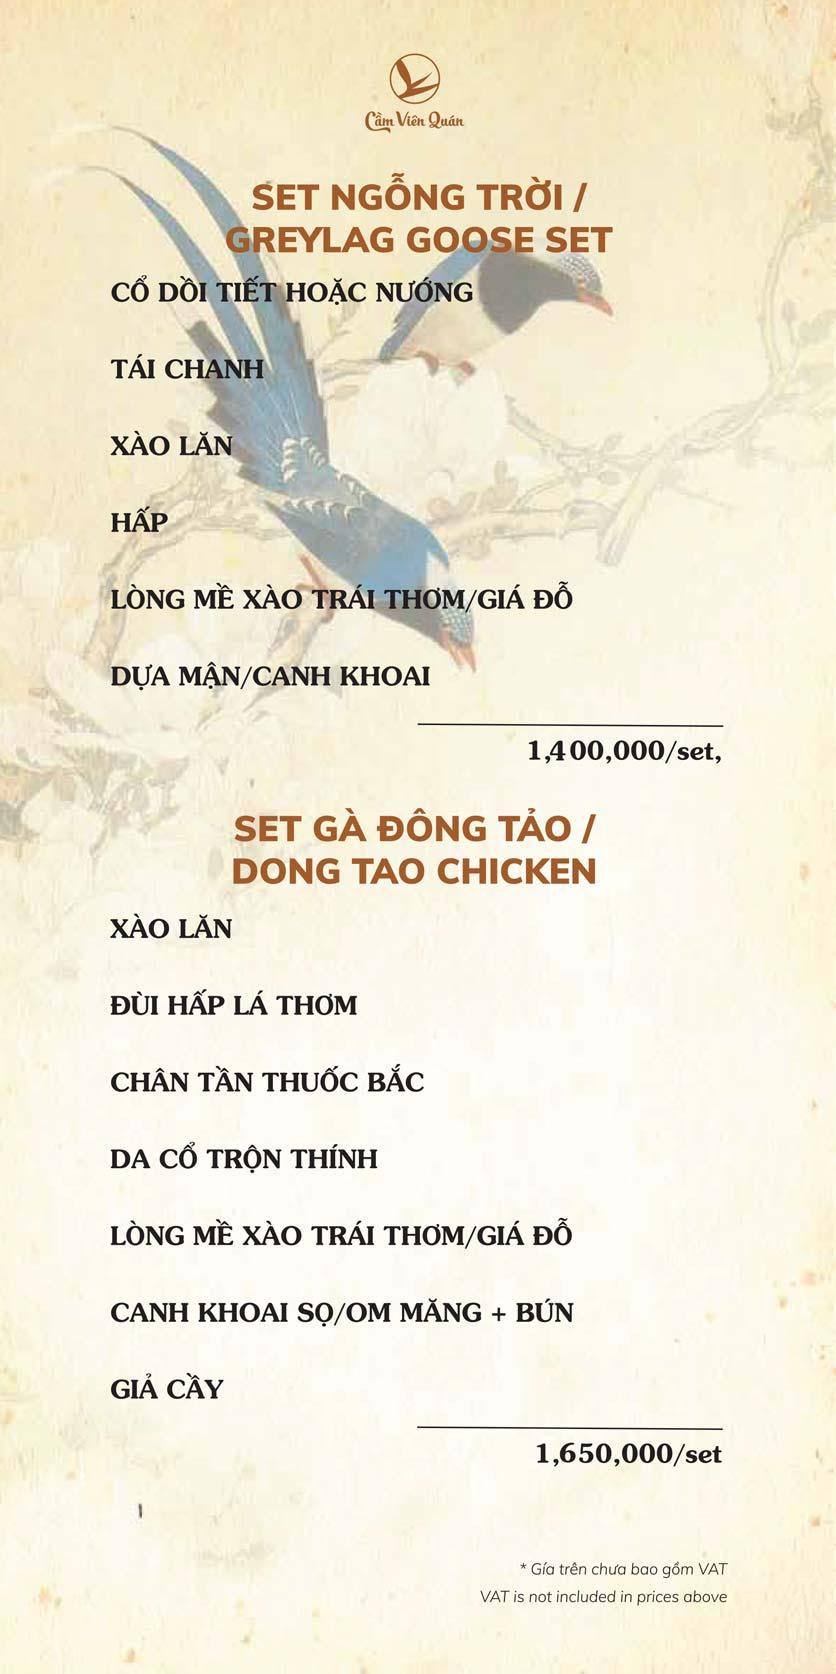 Menu Cầm Viên Quán - Nguyễn Văn Lộc 6